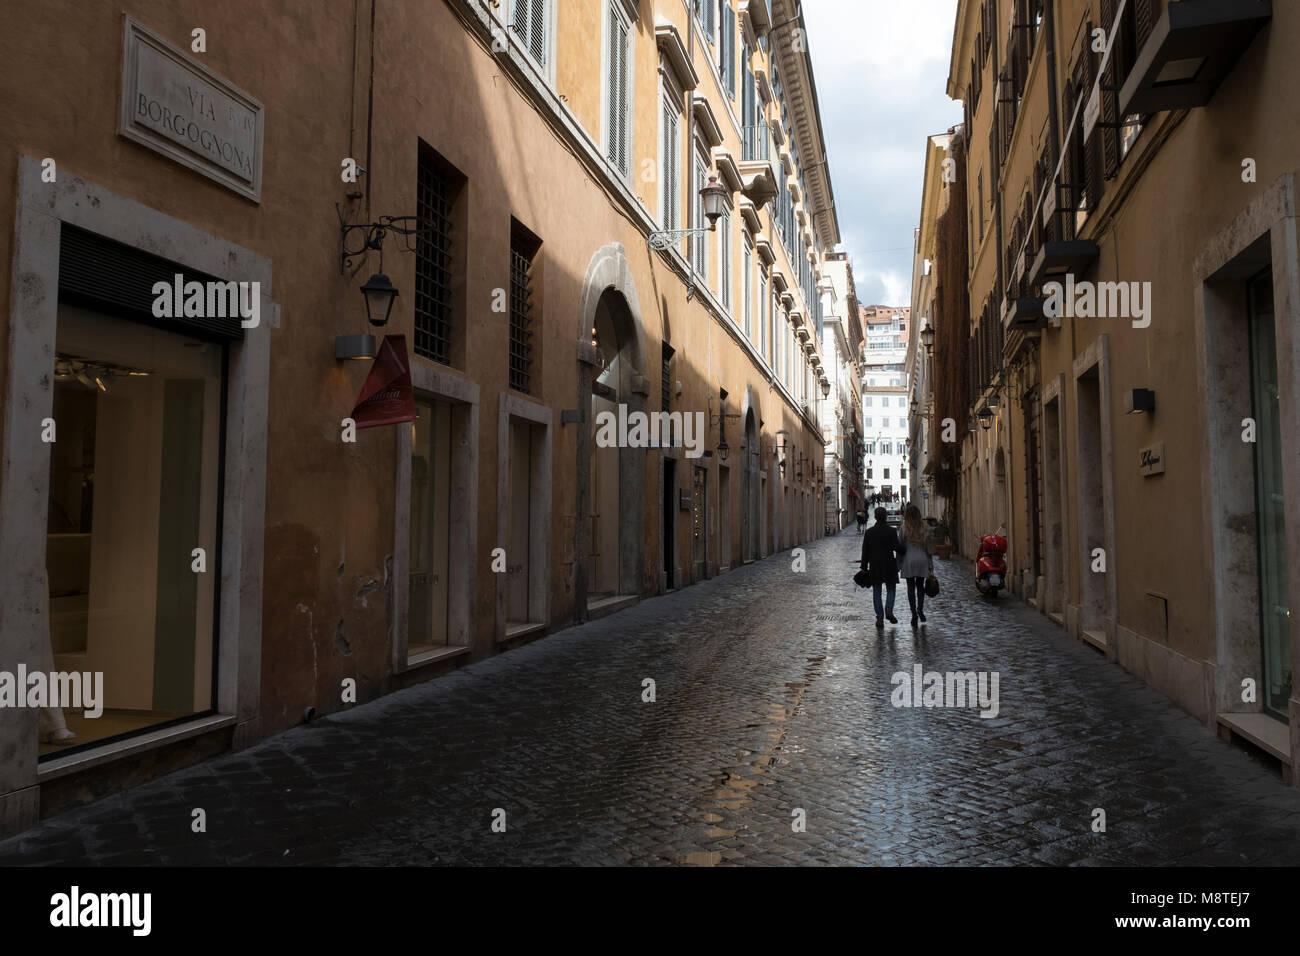 Via Borgognona, Rome, Italy - Stock Image